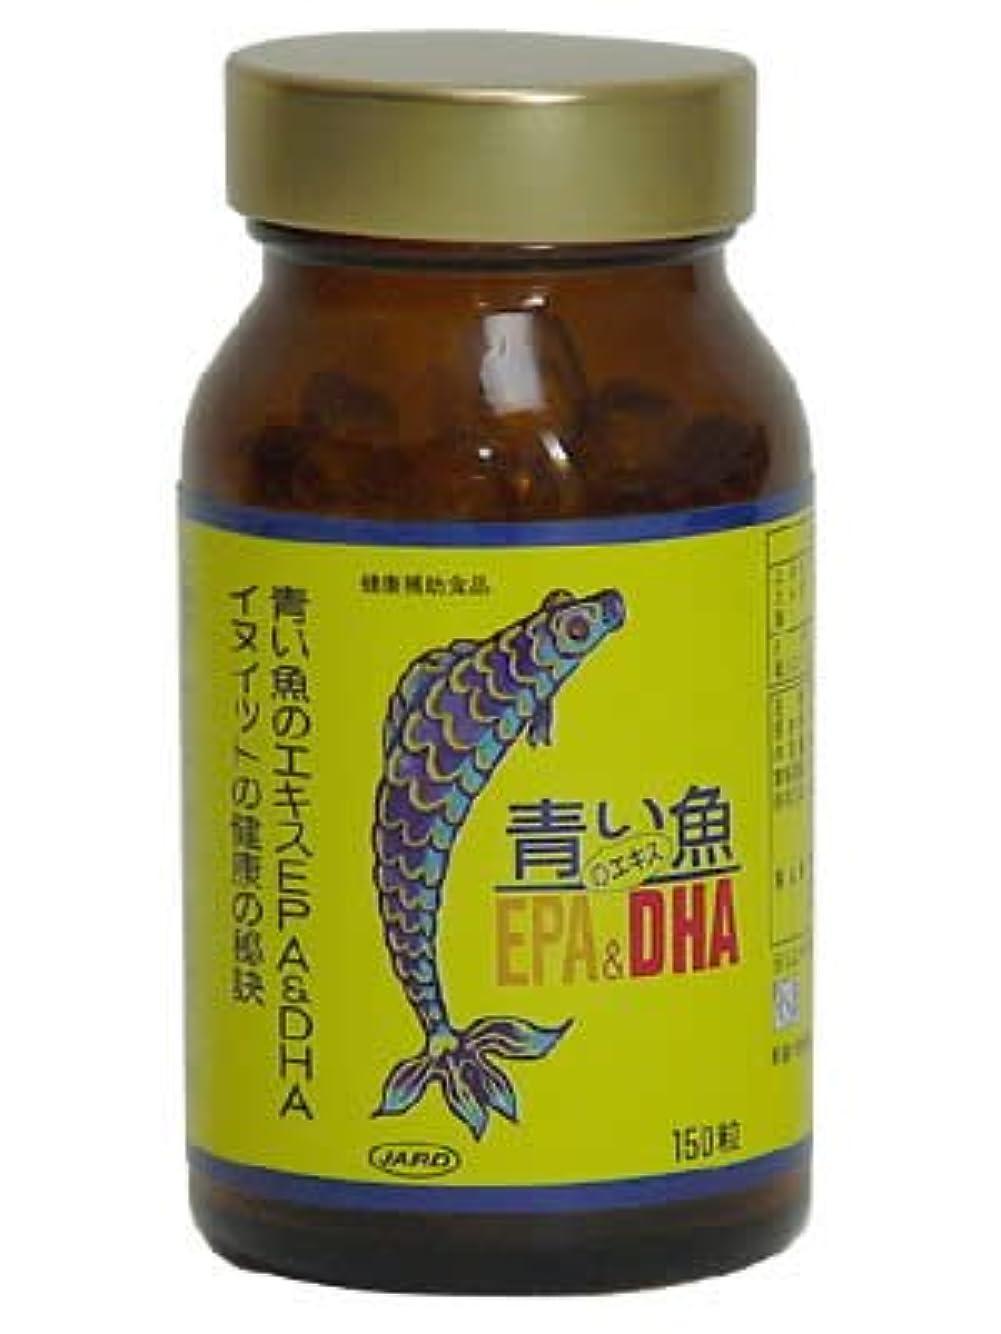 パイルずっと衝動青い魚のエキスEPA&DHA【3本セット】ジャード